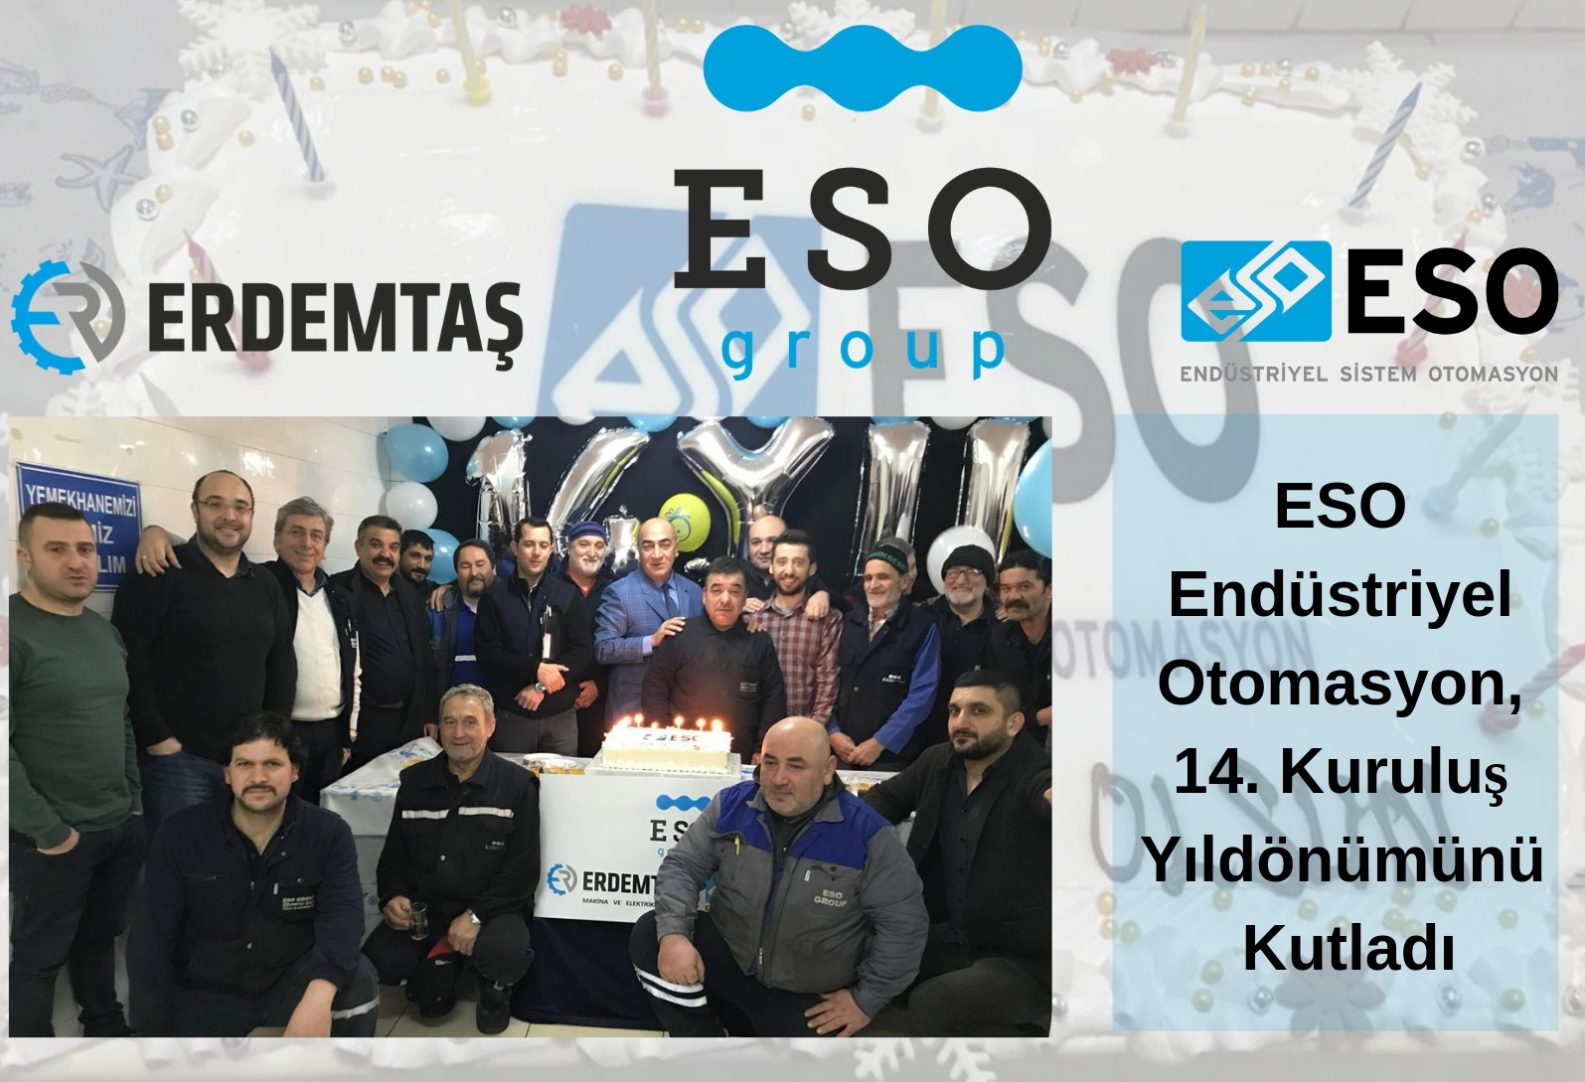 ESO Endüstriyel Otomasyon 14. Kuruluş Yıl Dönümünü Kutladı